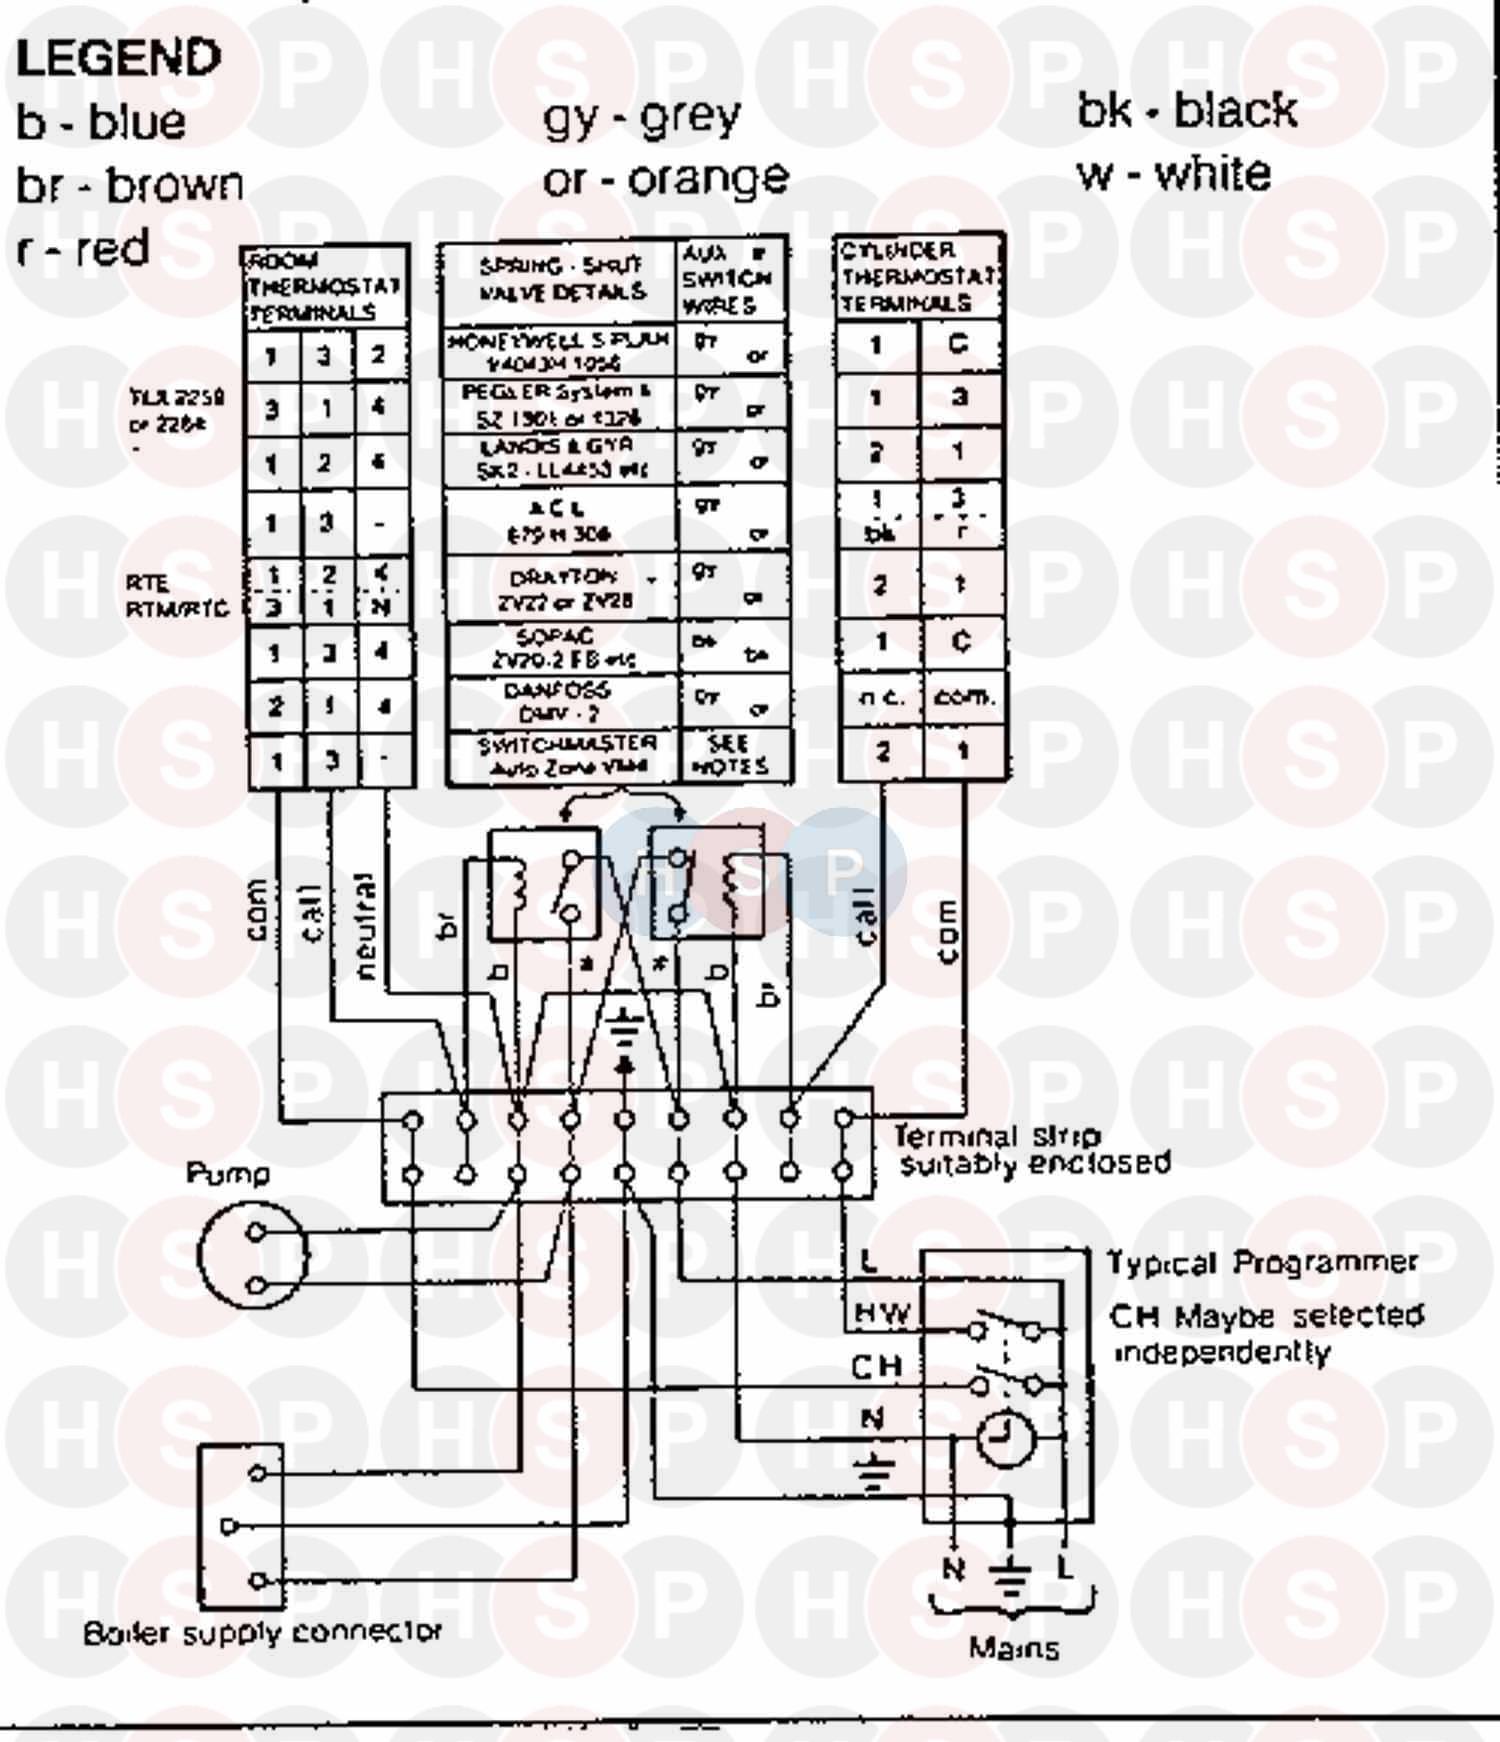 DIAGRAM] Mercury Classic 50 Wiring Diagram FULL Version HD Quality Wiring  Diagram - XSCHEMATIC.ANTONIOVERGARA.ITAntonio Vergara